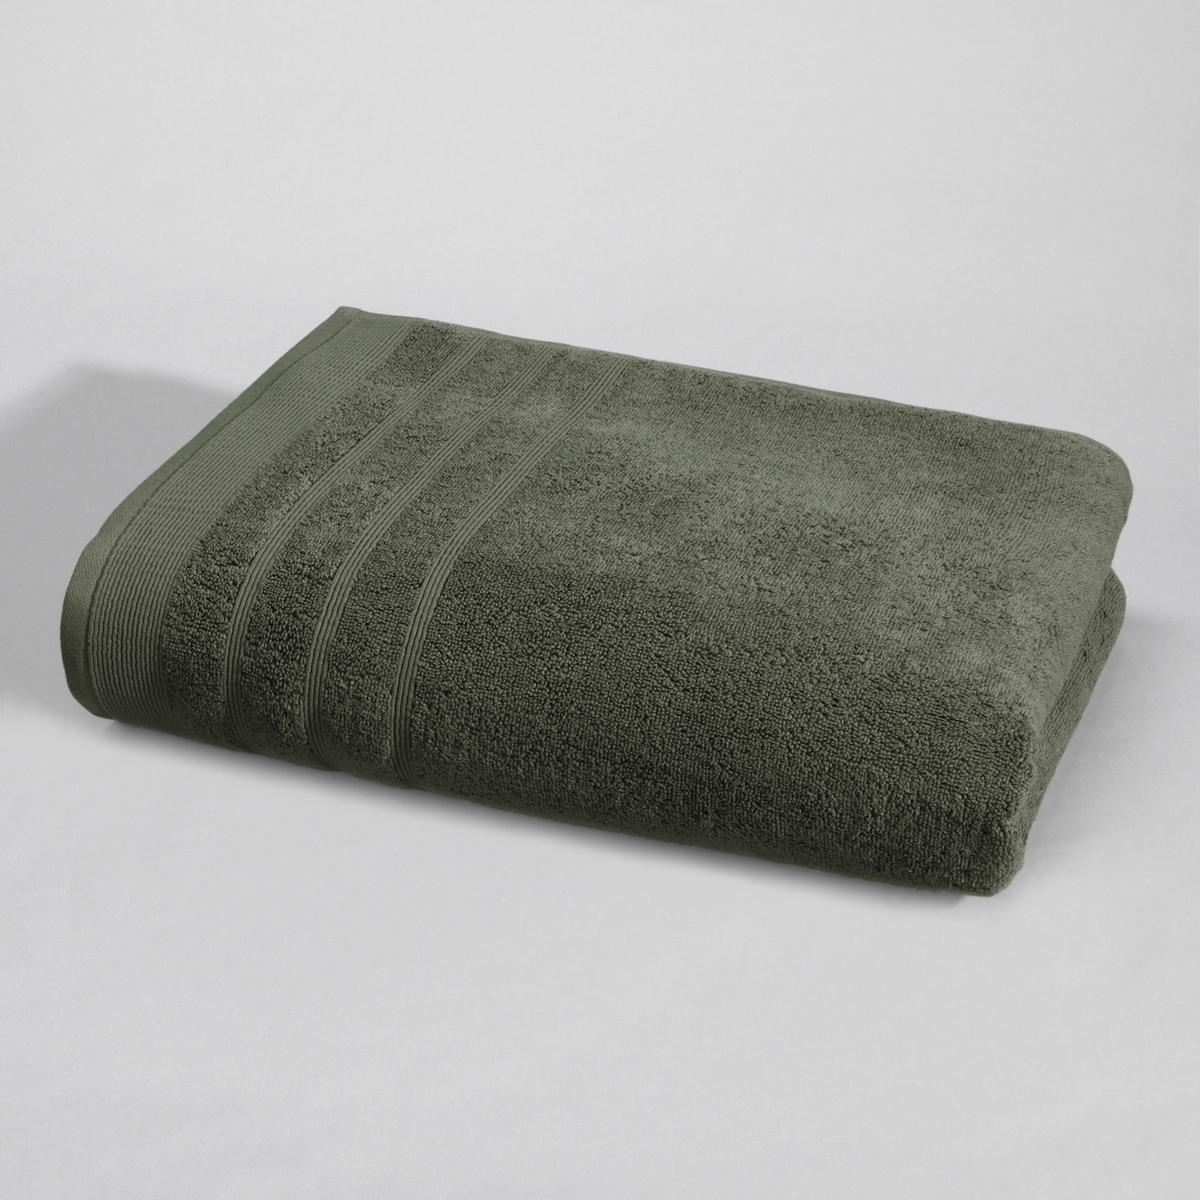 Полотенце банное 600 г/м?, Качество BestХарактеристики банного полотенца :Качество BEST.Махровая ткань 100 % хлопка.Машинная стирка при 60°.Размеры банного полотенца:70 x 140 см.<br><br>Цвет: бежевый,зеленый мох,розовая пудра,синий морской,фиолетовый,шафран